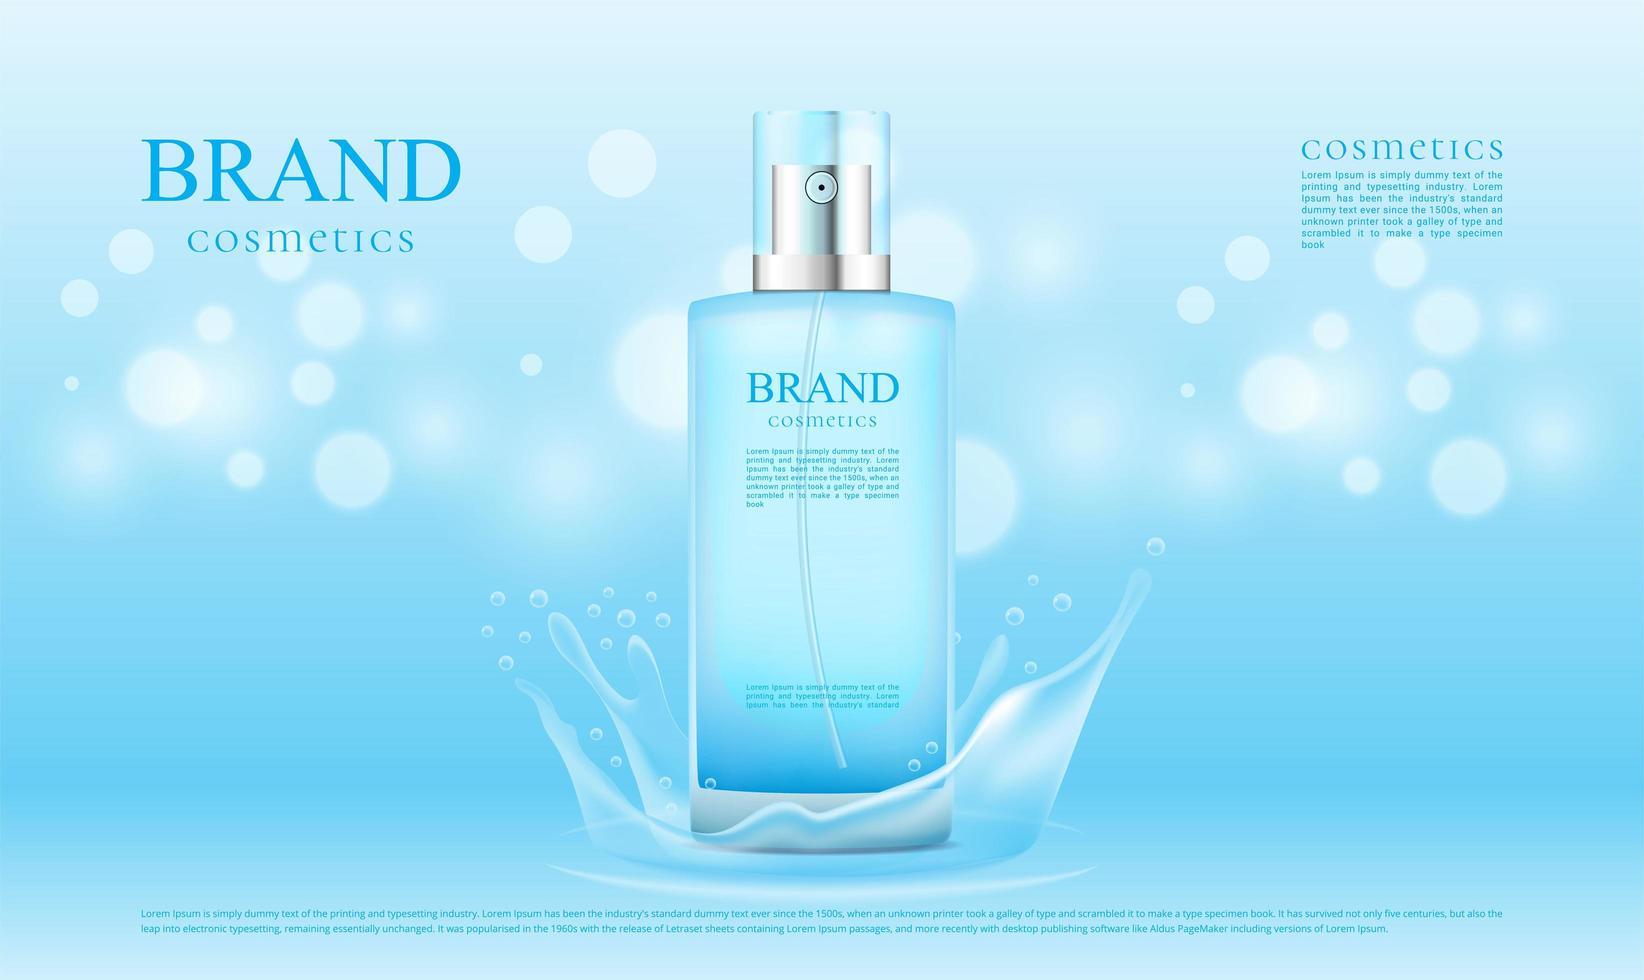 blaues Spritzwasser für Kosmetikproduktwerbung vektor